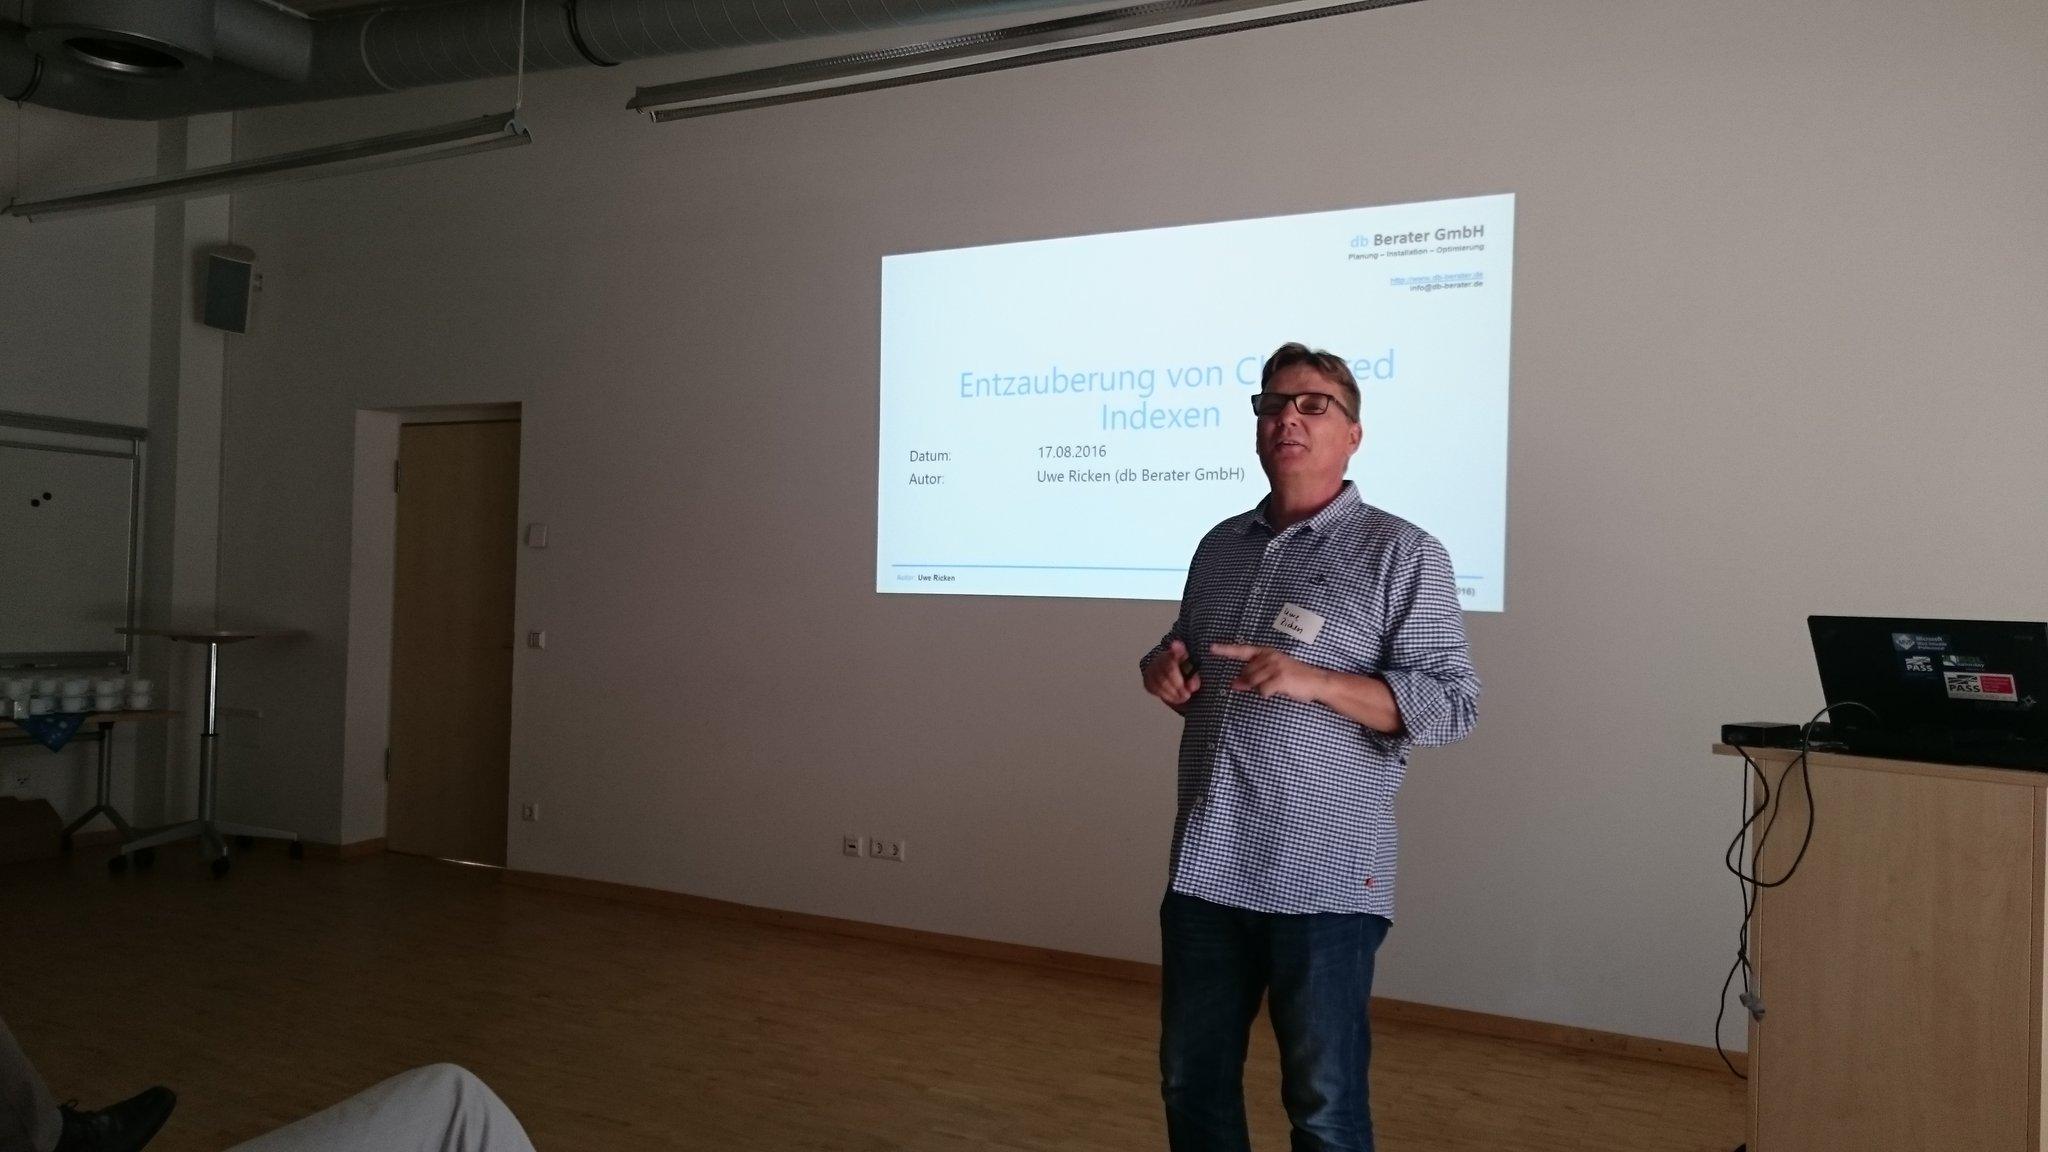 Der @dbBerater startet die erste Session über Heaps und Clustered Indizes beim #SQLGrillen Emsland - Danke an Thomas Hütter für das Bild